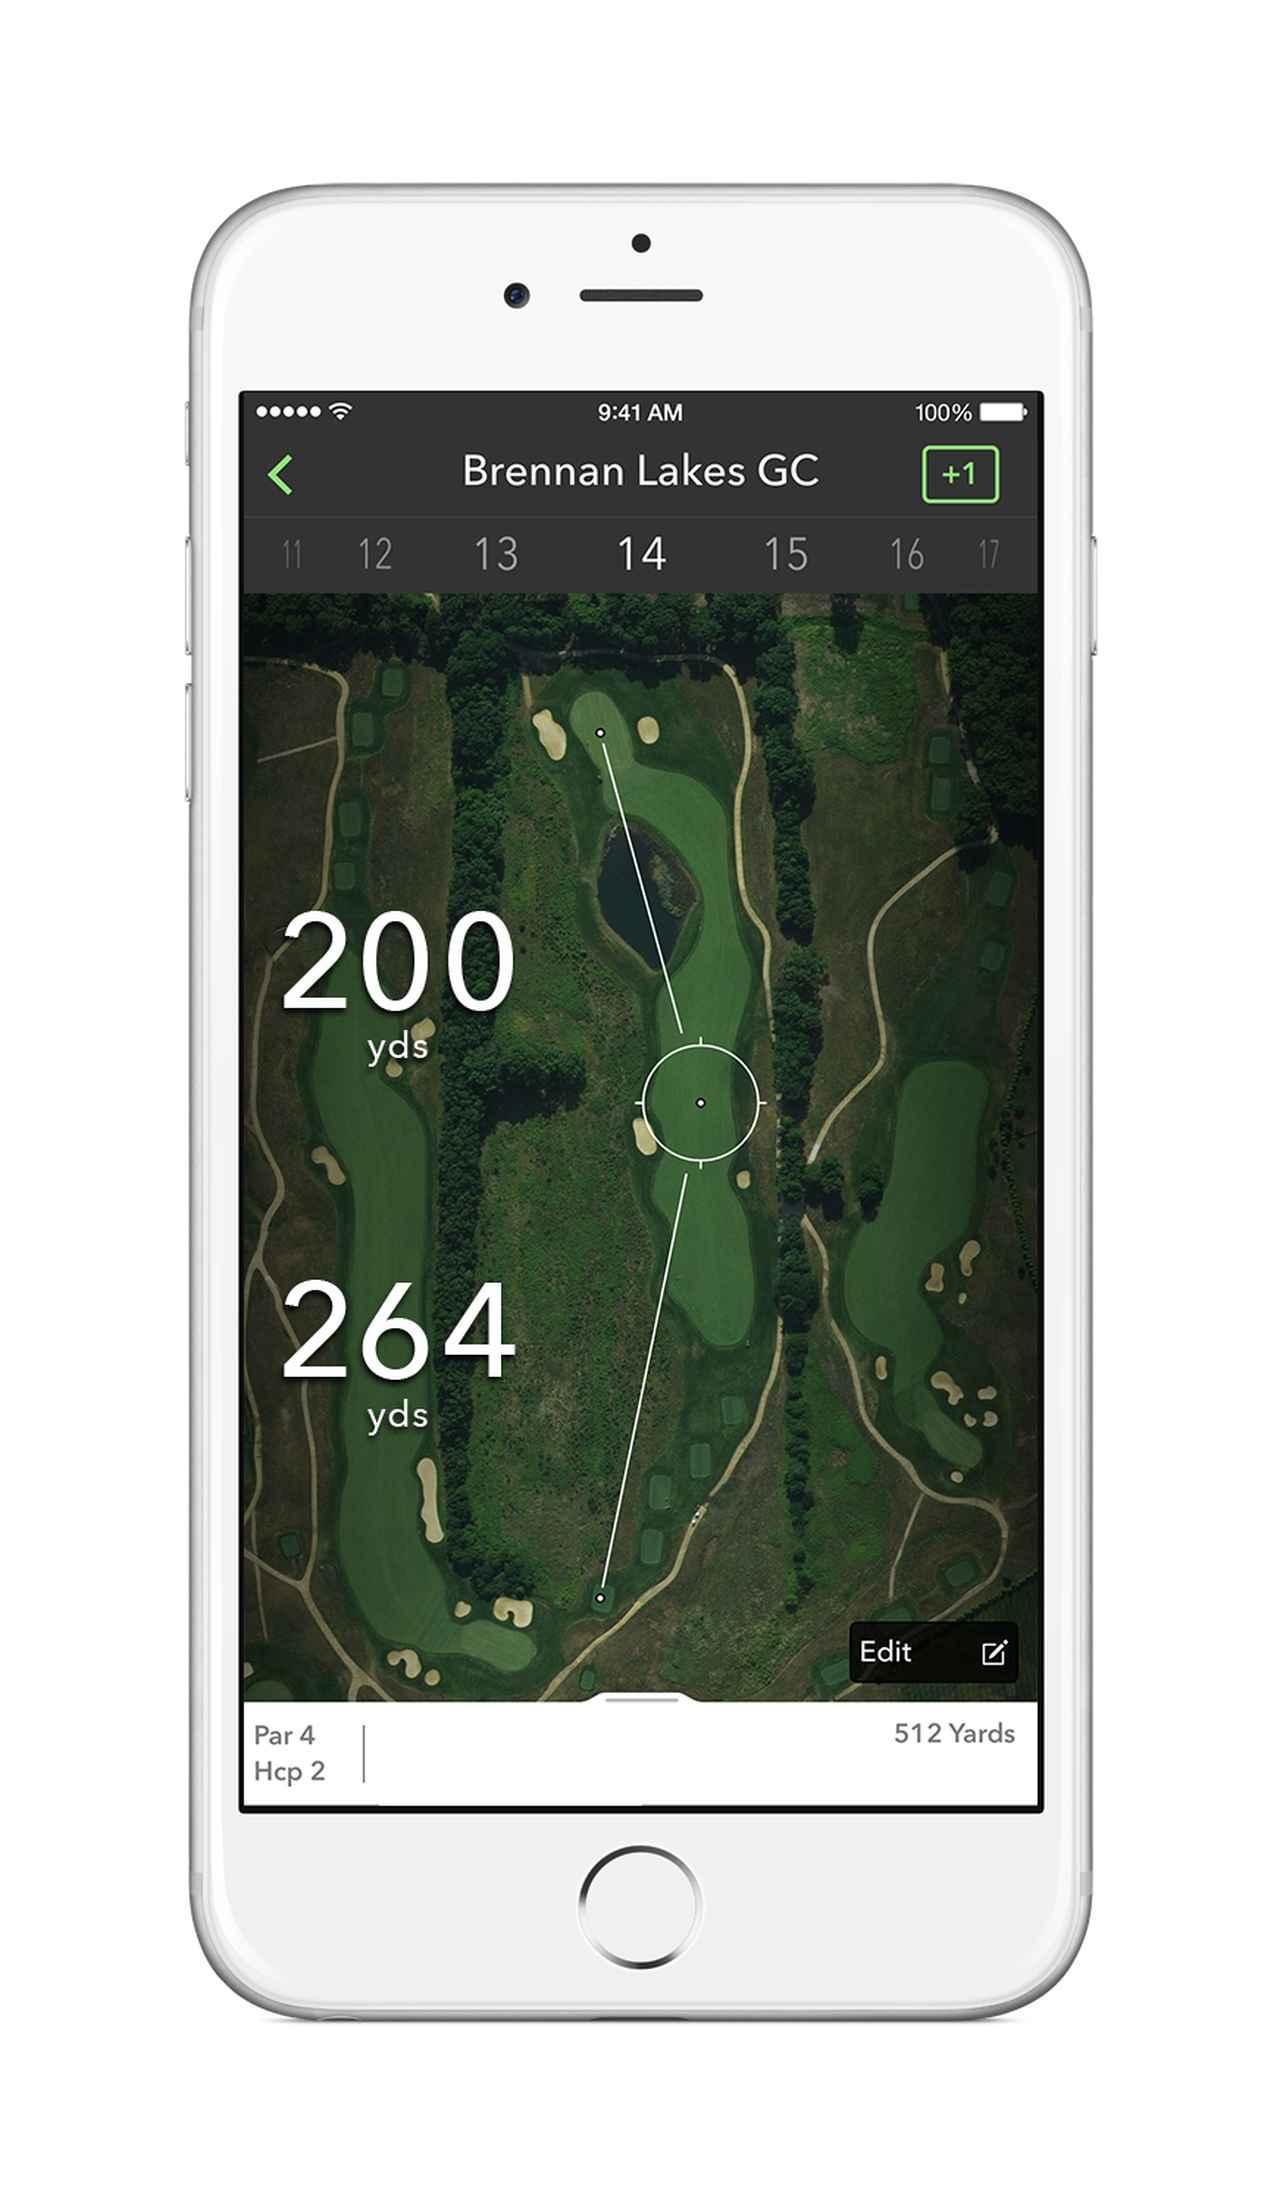 画像: グリップエンドに内蔵された「COBRACONNECT」が、ラウンド中の飛距離データを計測することで、パフォーマンス向上を助ける